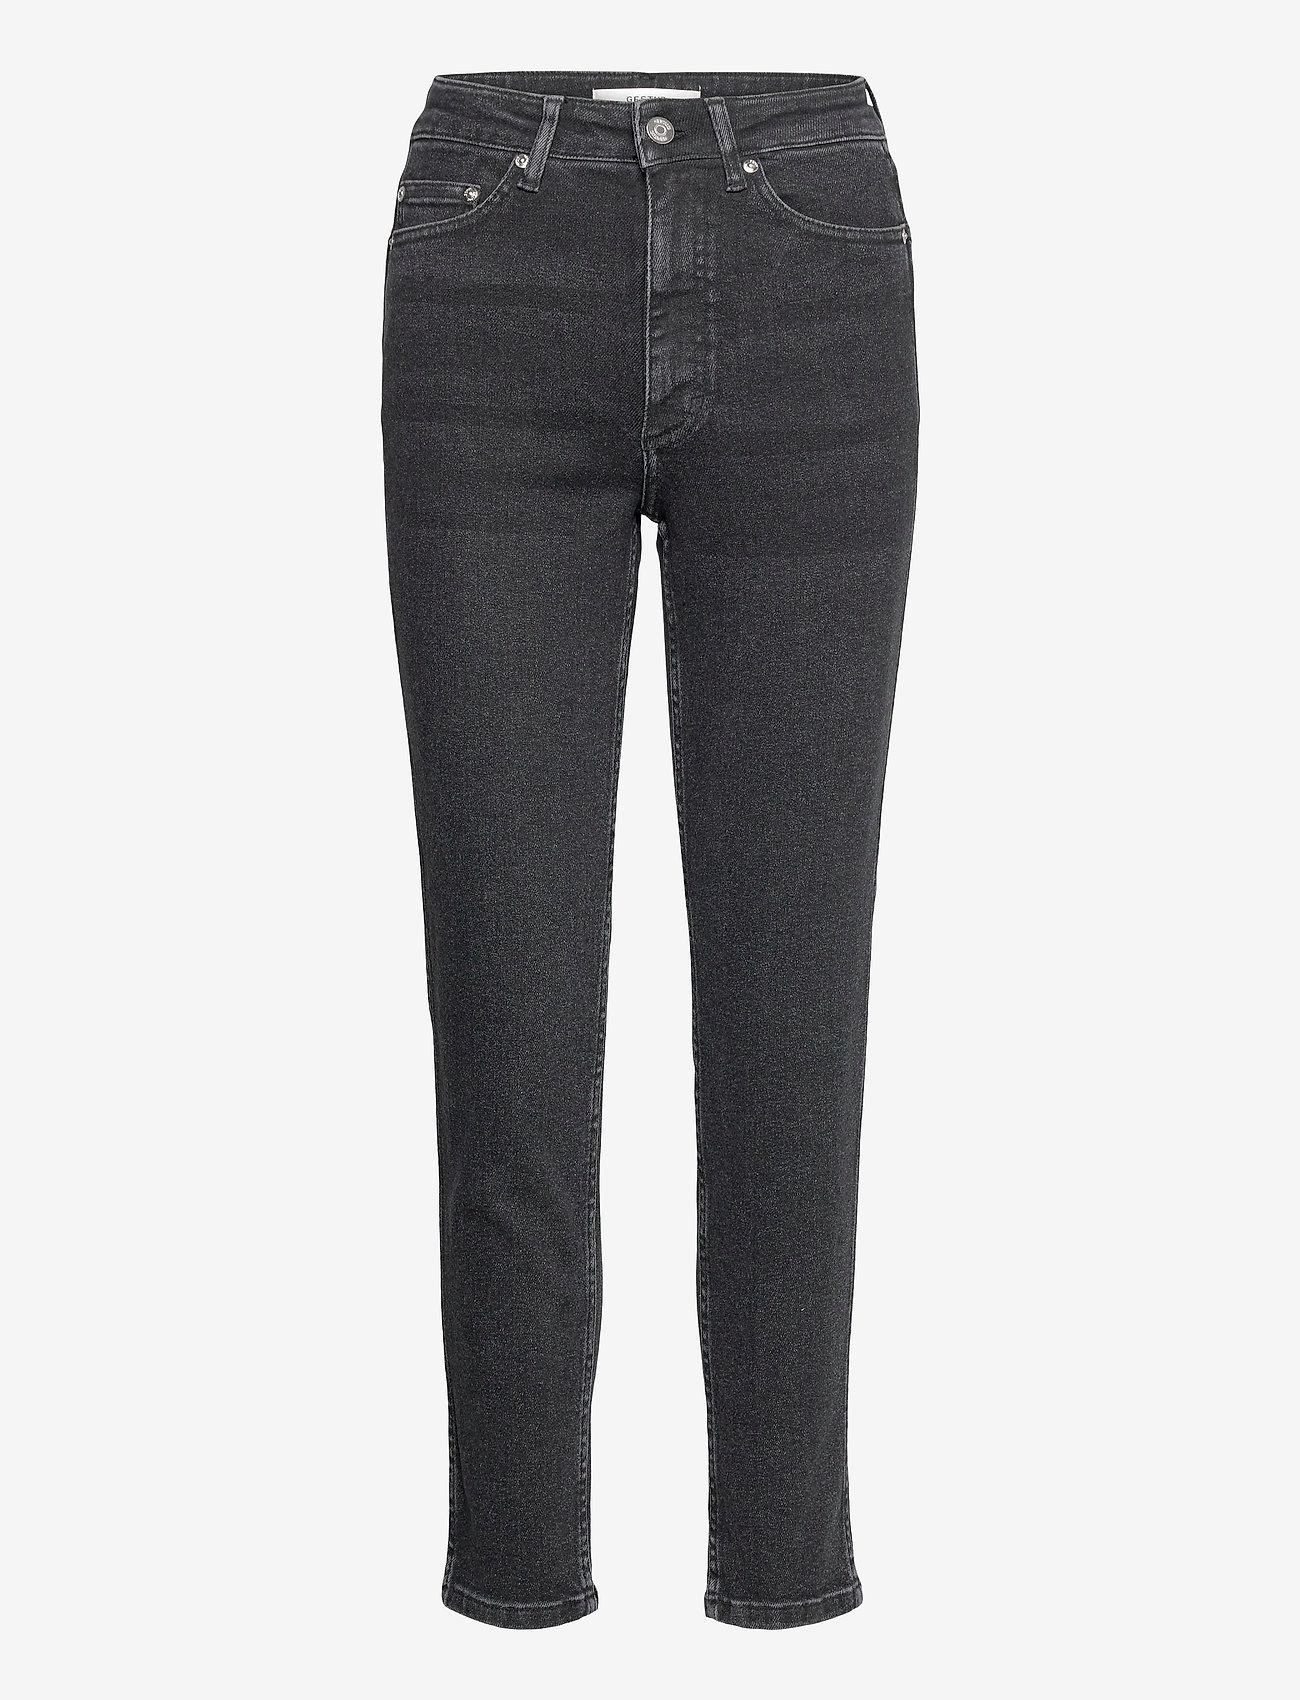 Gestuz - AstridGZ HW slim jeans NOOS - slim jeans - washed black - 1